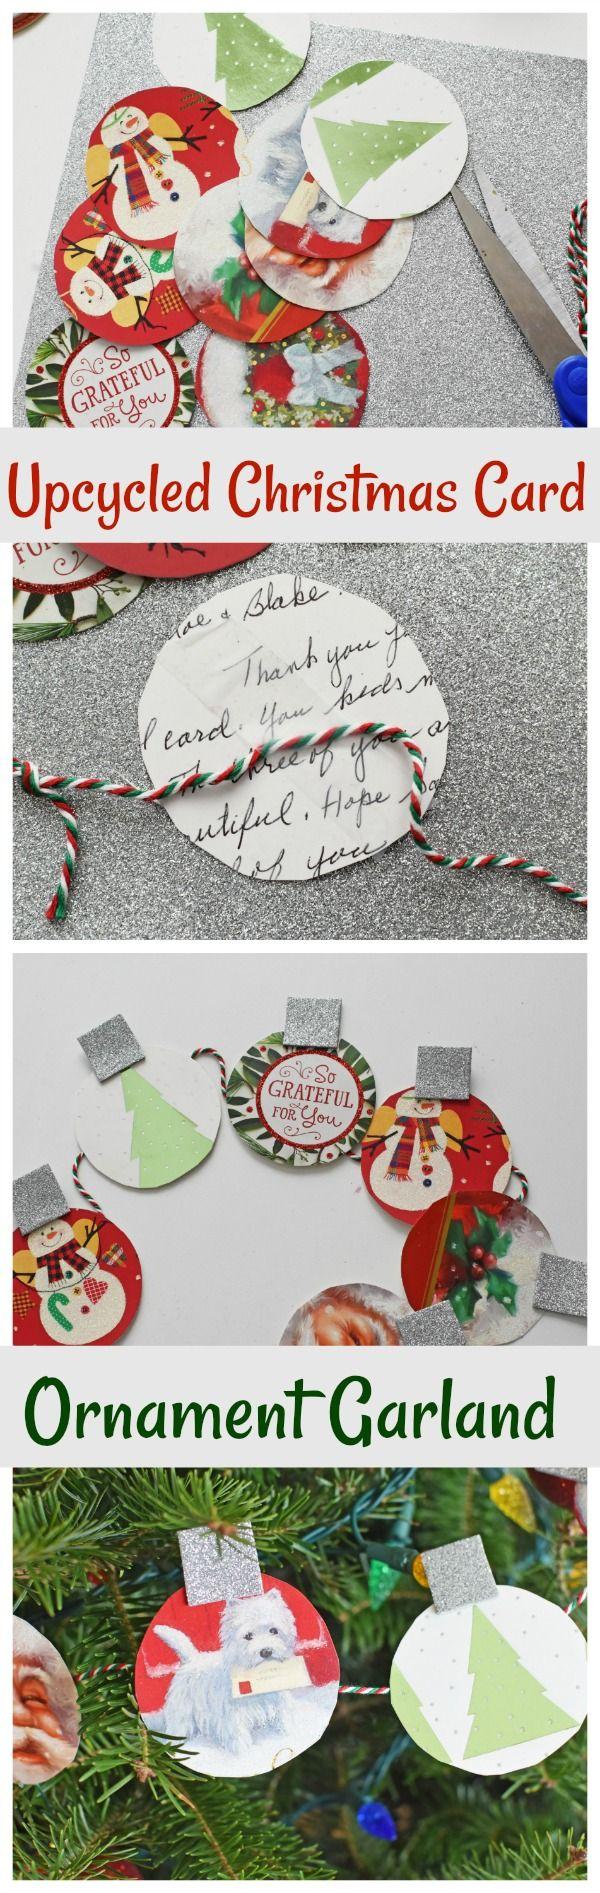 Walgreens Christmas Card.Walgreens Christmas Photo Greeting Cards Good Christmas